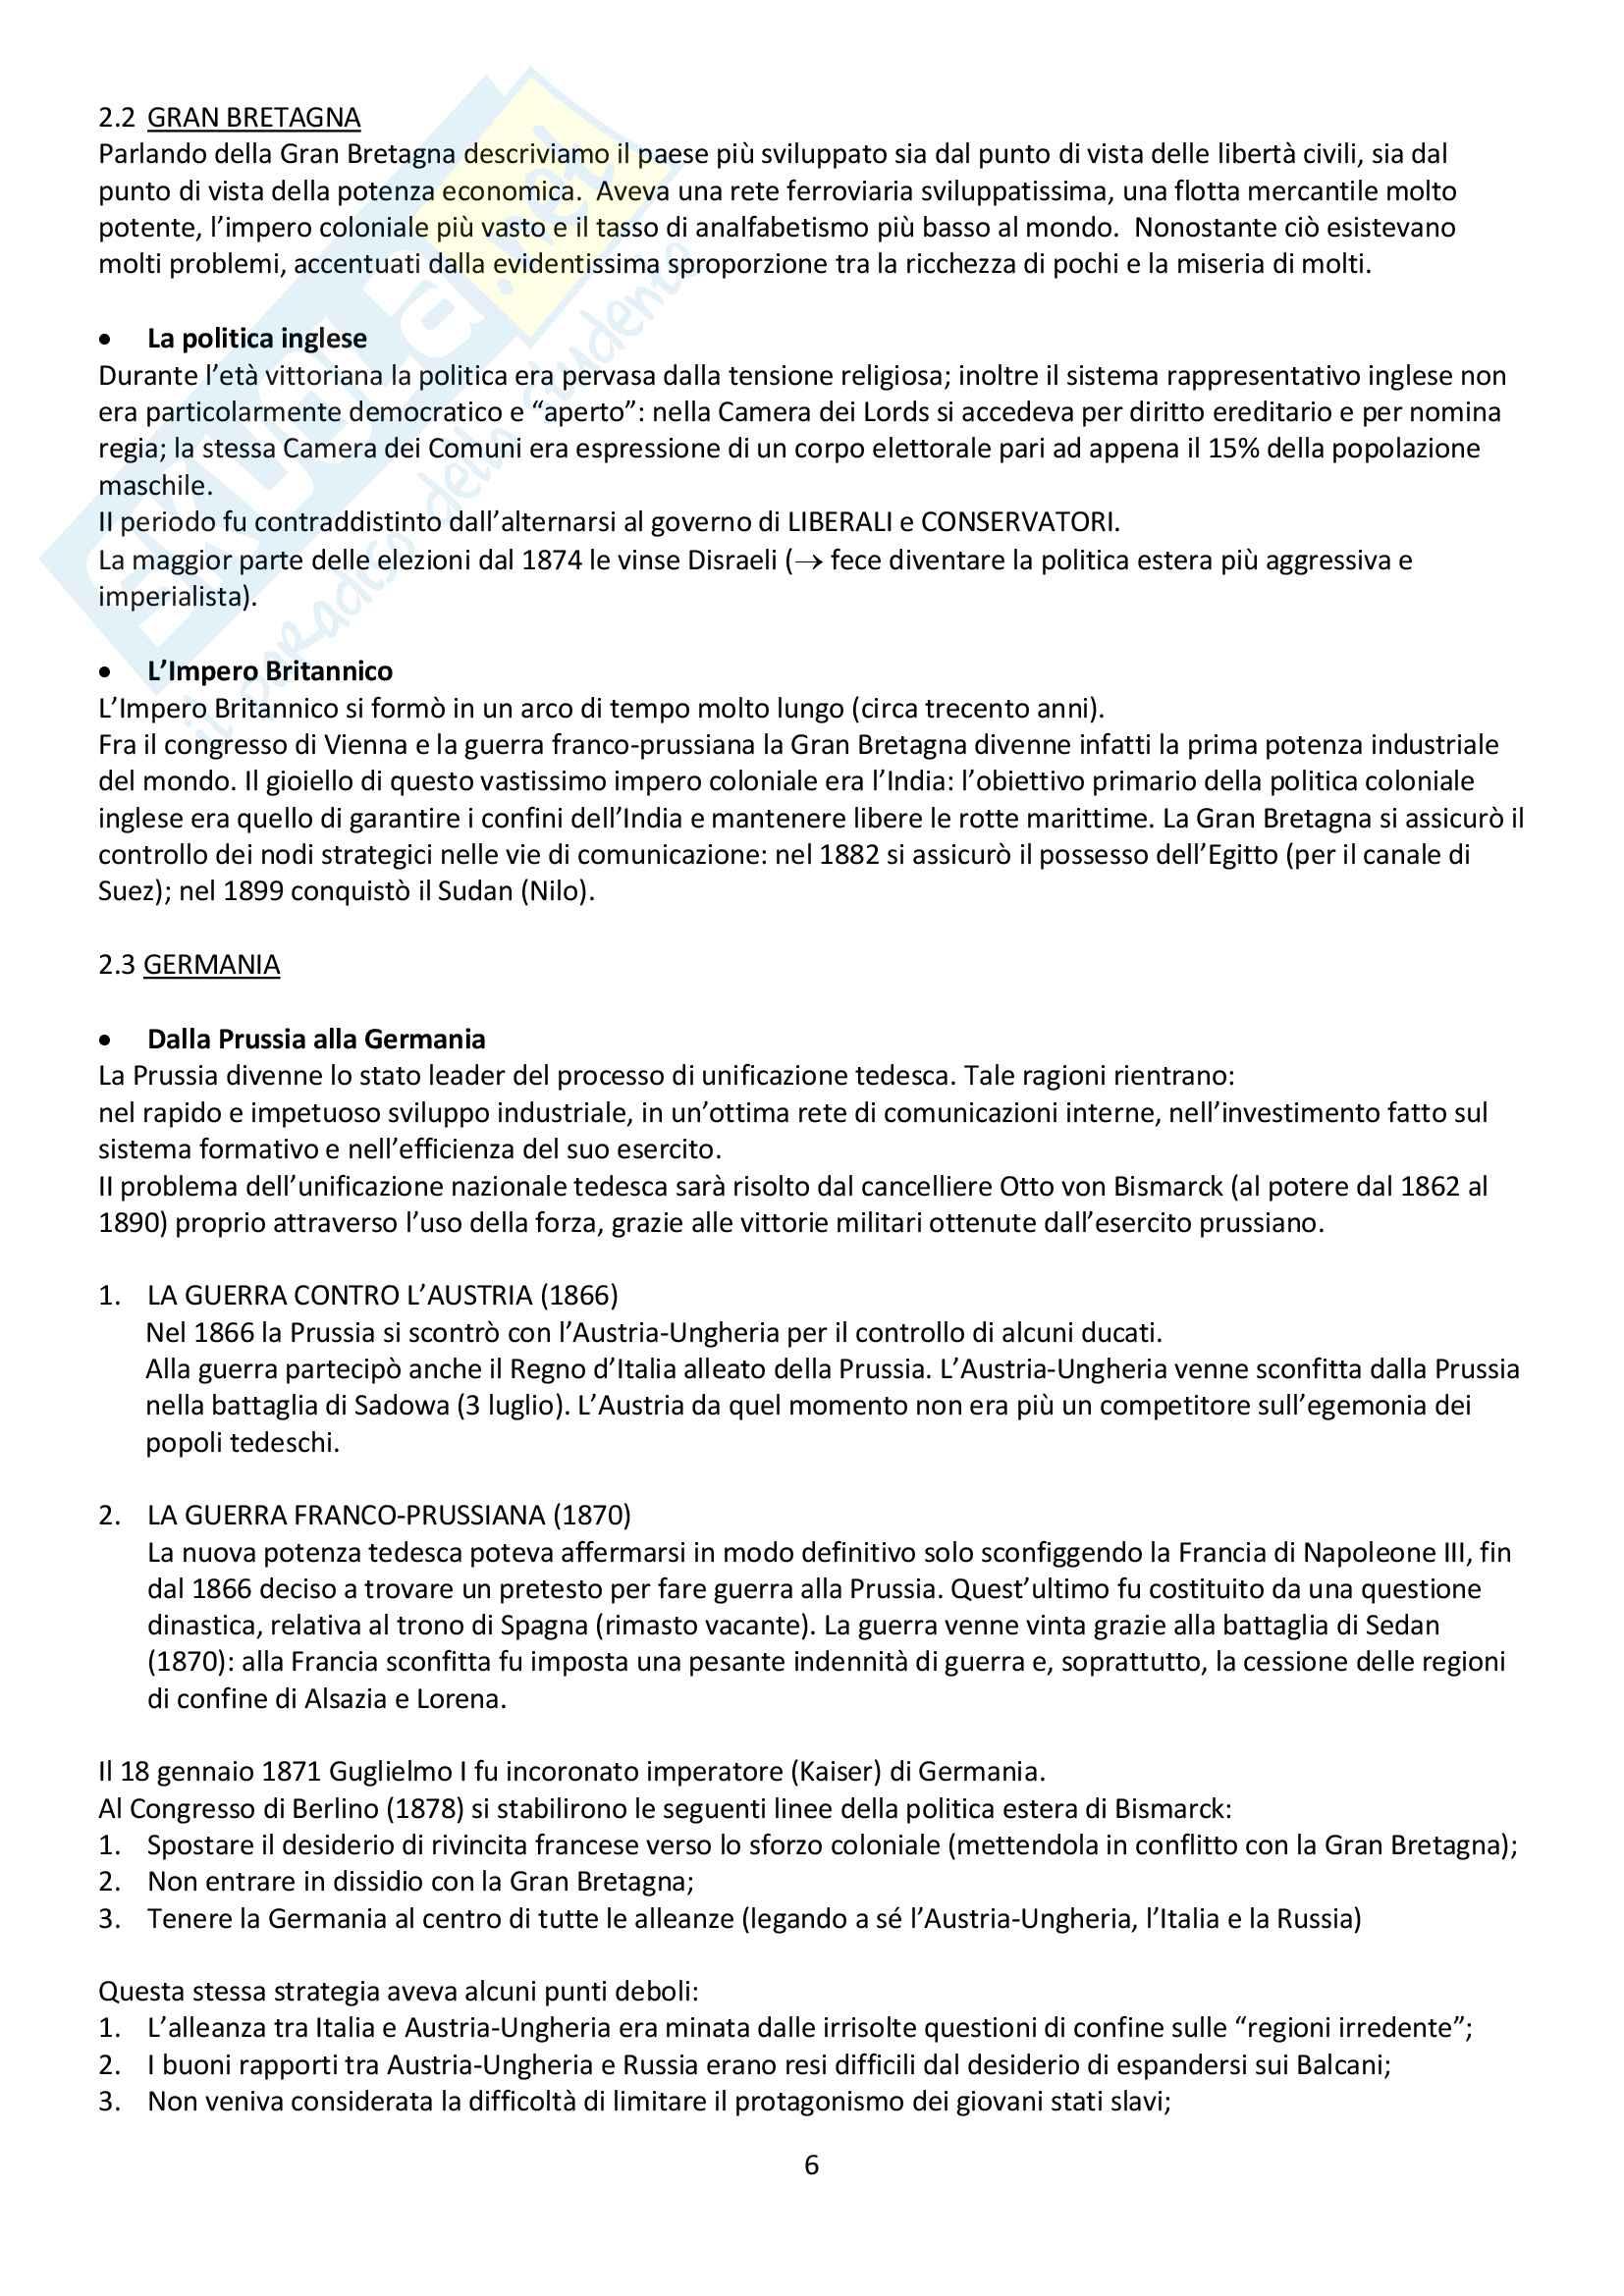 """Riassunto esame storia contemporanea, prof. Baravelli. Libro consigliato """"Venti lezioni di storia contemporanea dal 1848 ad oggi"""", Andrea Baravelli, Ilaria Cerioli Pag. 6"""